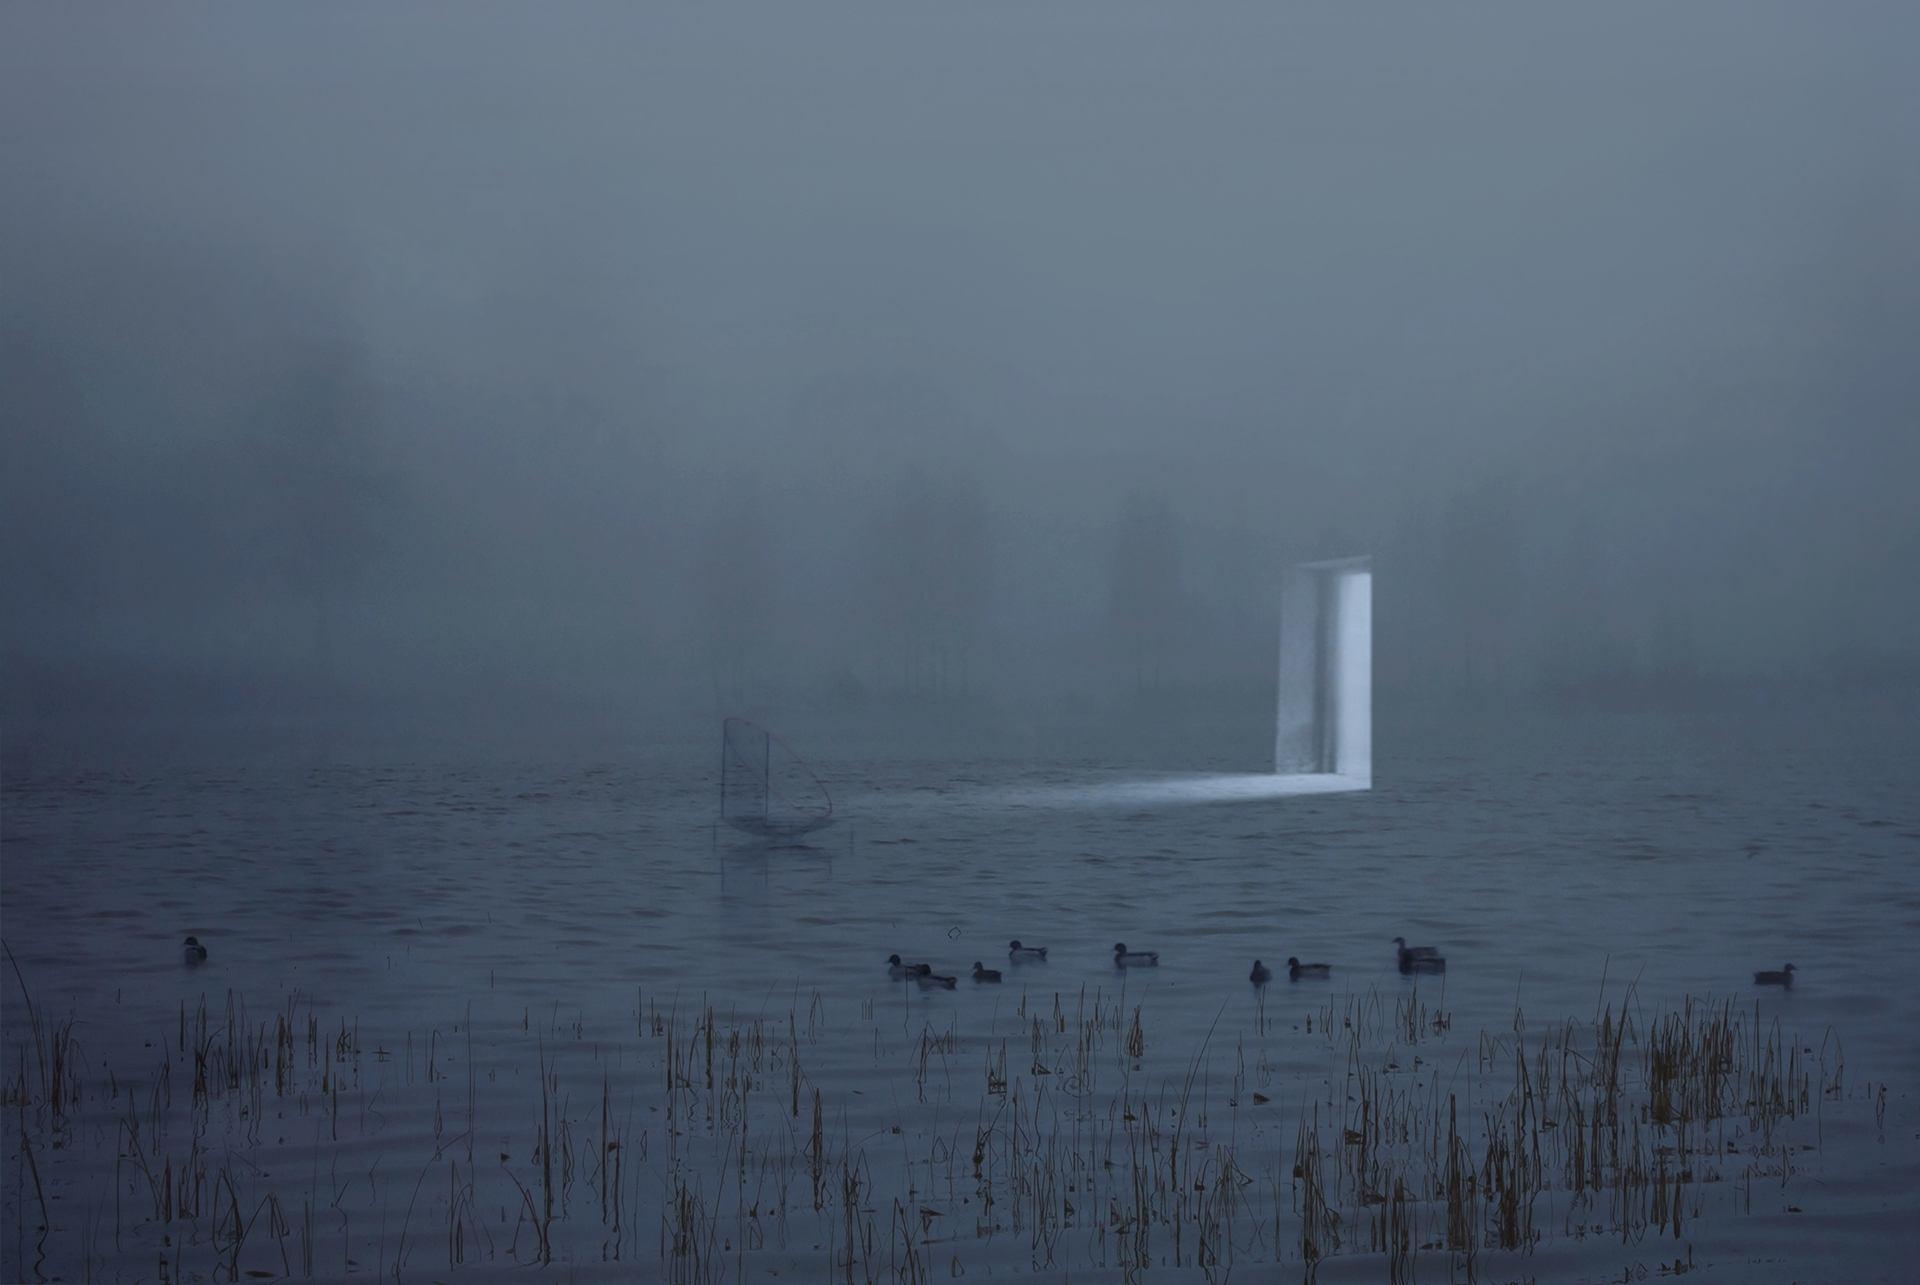 Le lac fantôme#9